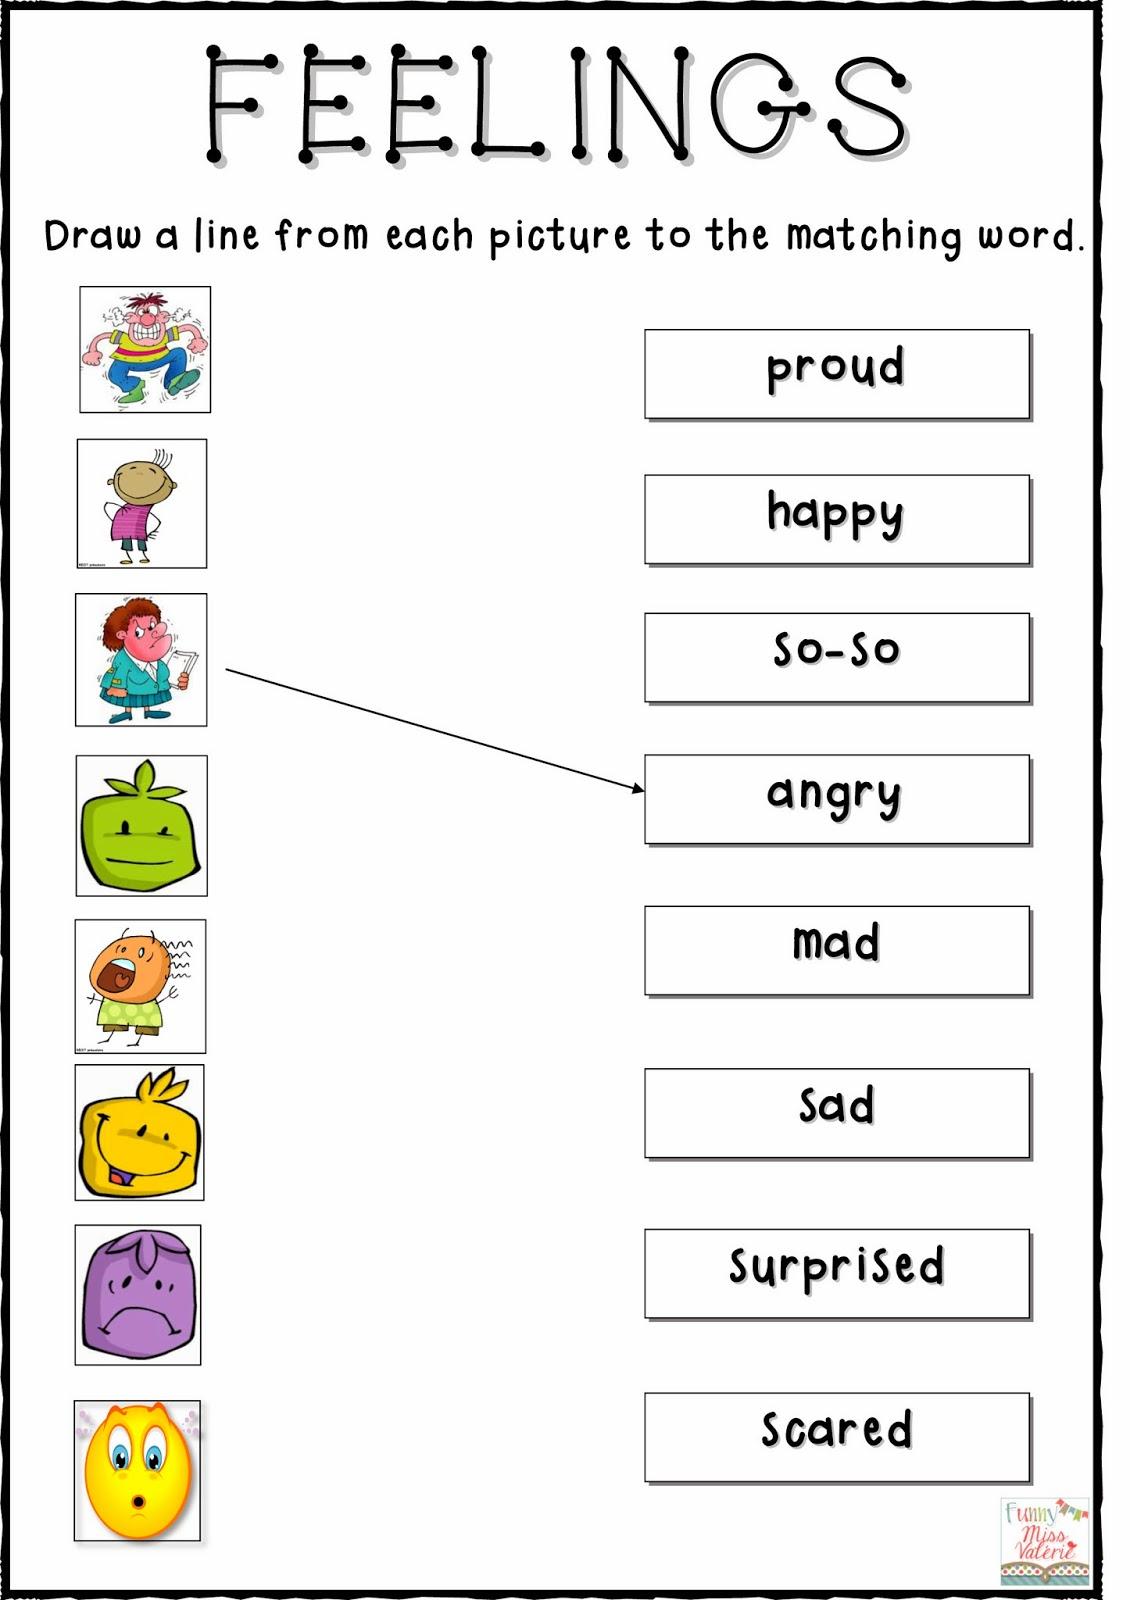 Free Emotions Worksheets For Kindergarten Free